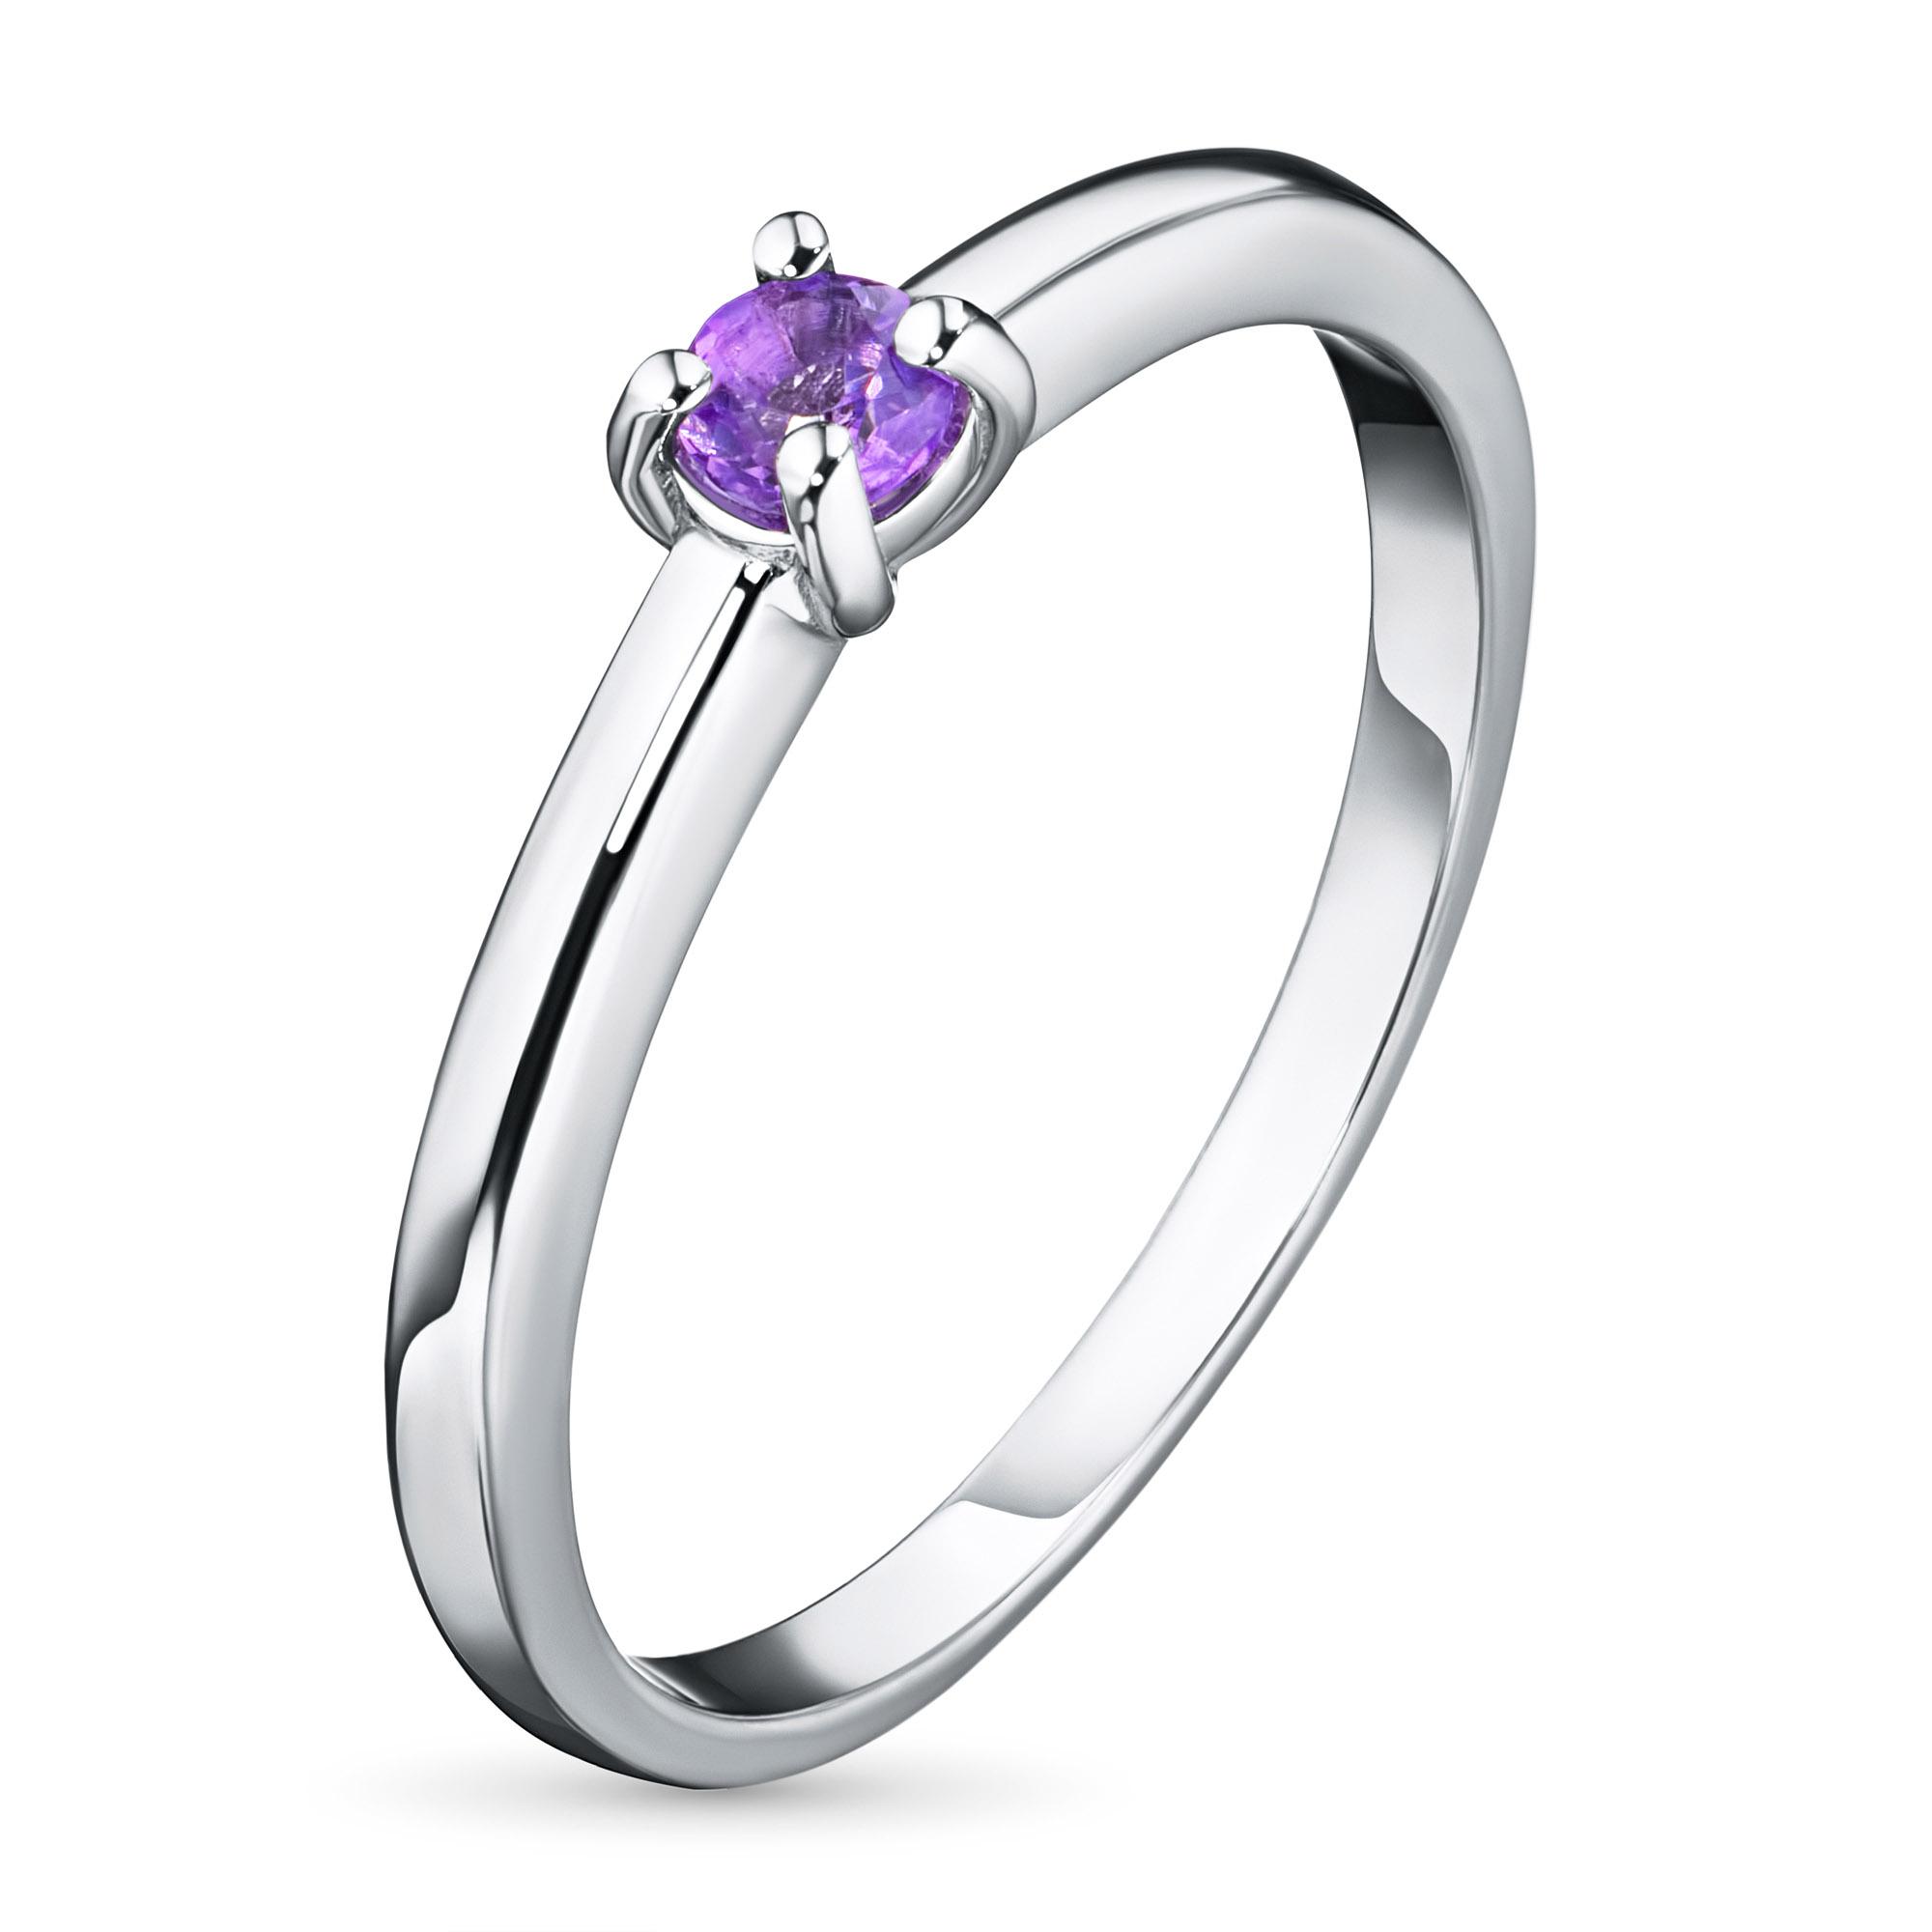 Кольцо из серебра с аметистом э0601кц01162900 фото